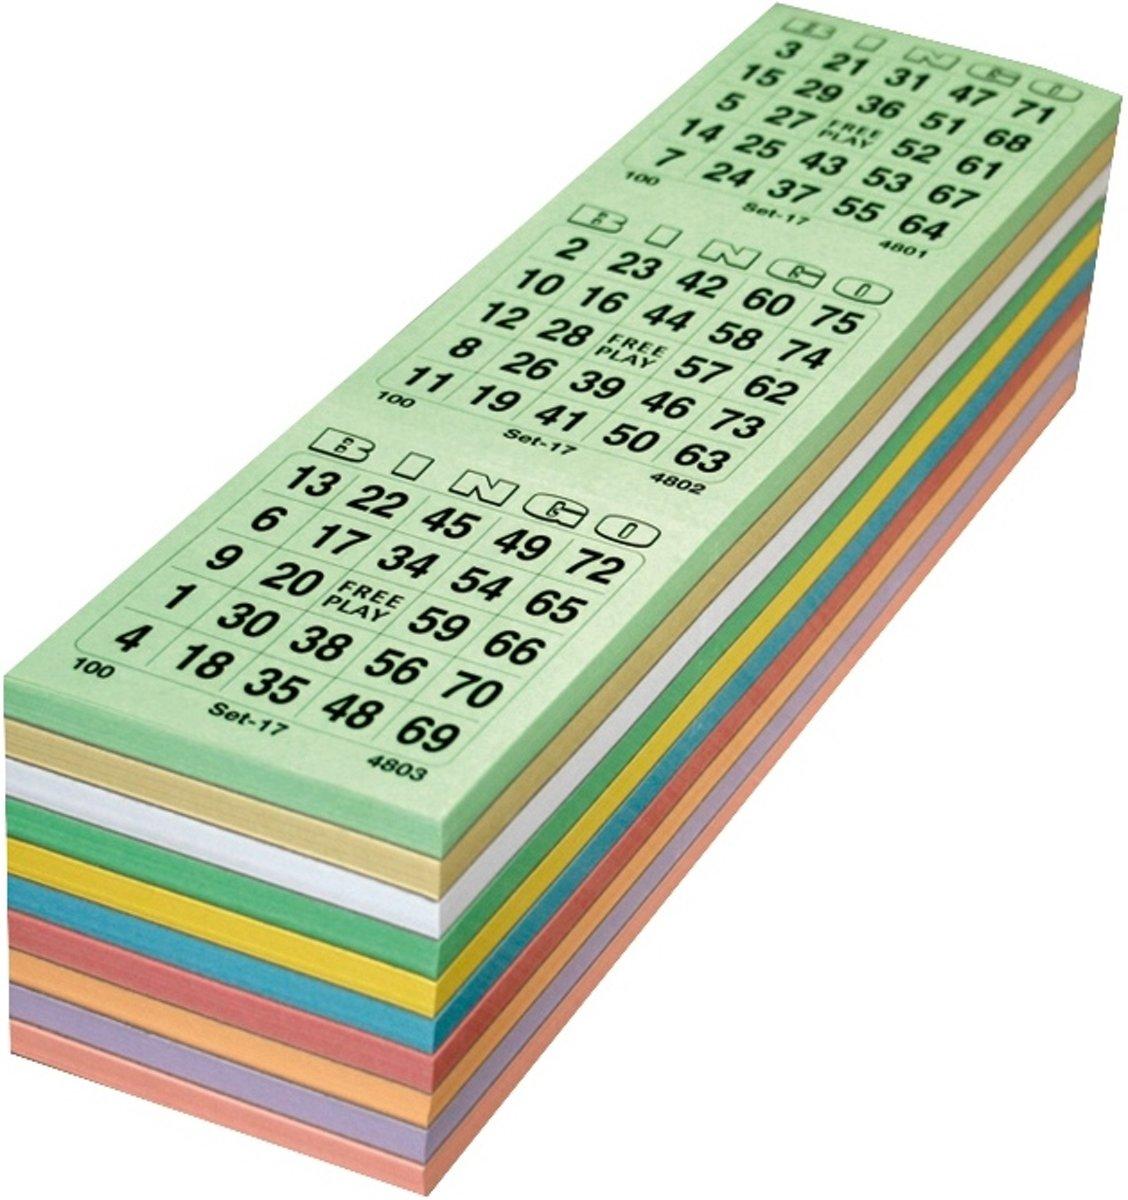 Bingokaarten 3000 stuks - 1 t/m 75 kleurenmix